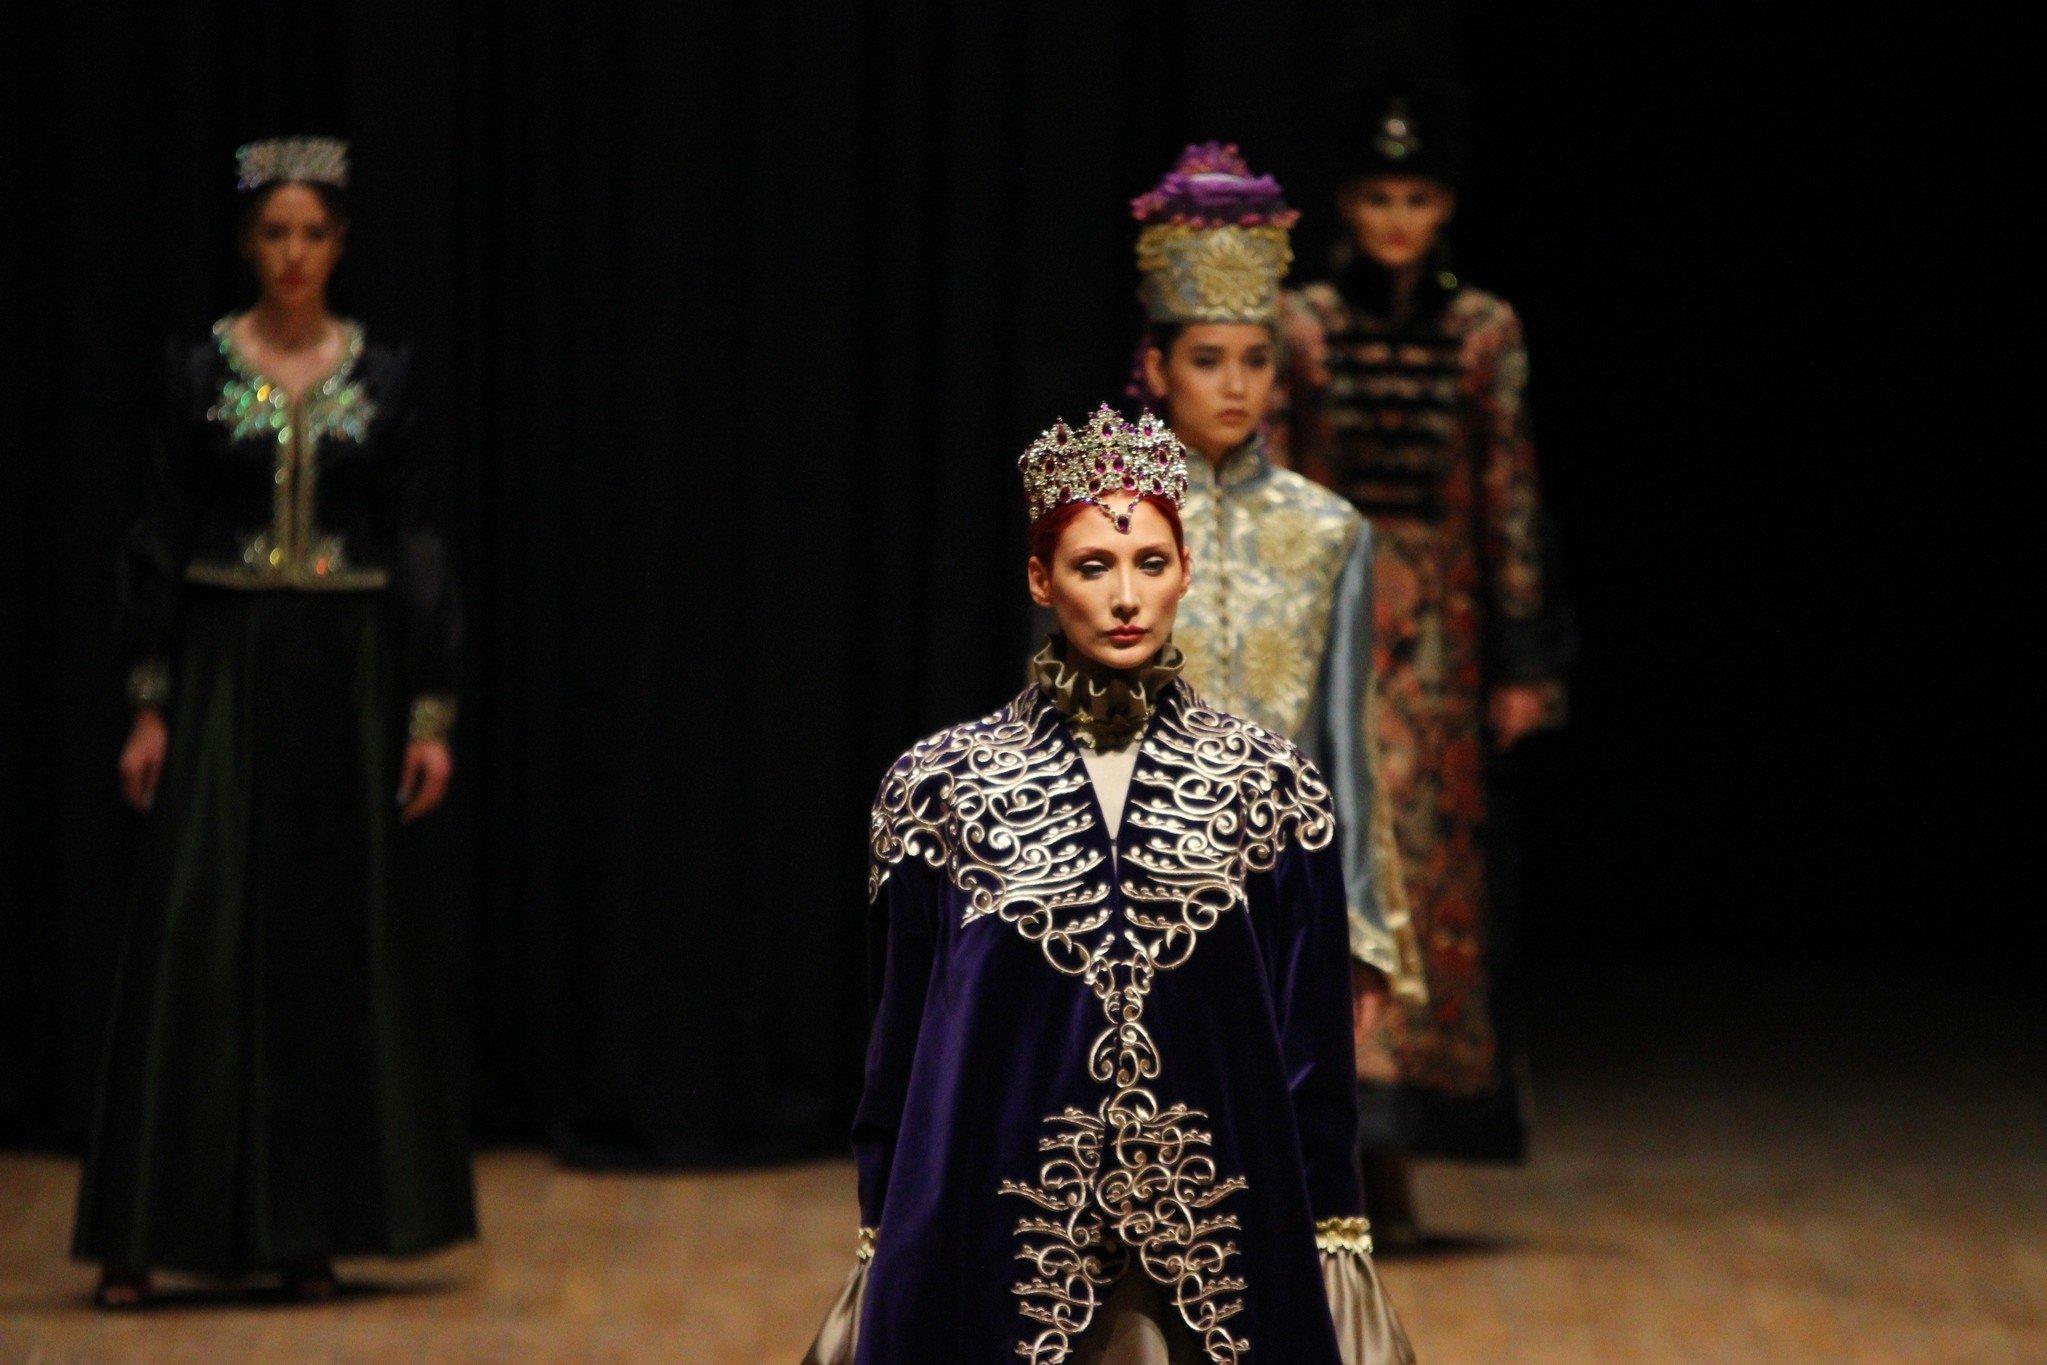 Geleneksel Türk Gelinlikleri Büyüledi Galeri Yaşam 30 Nisan